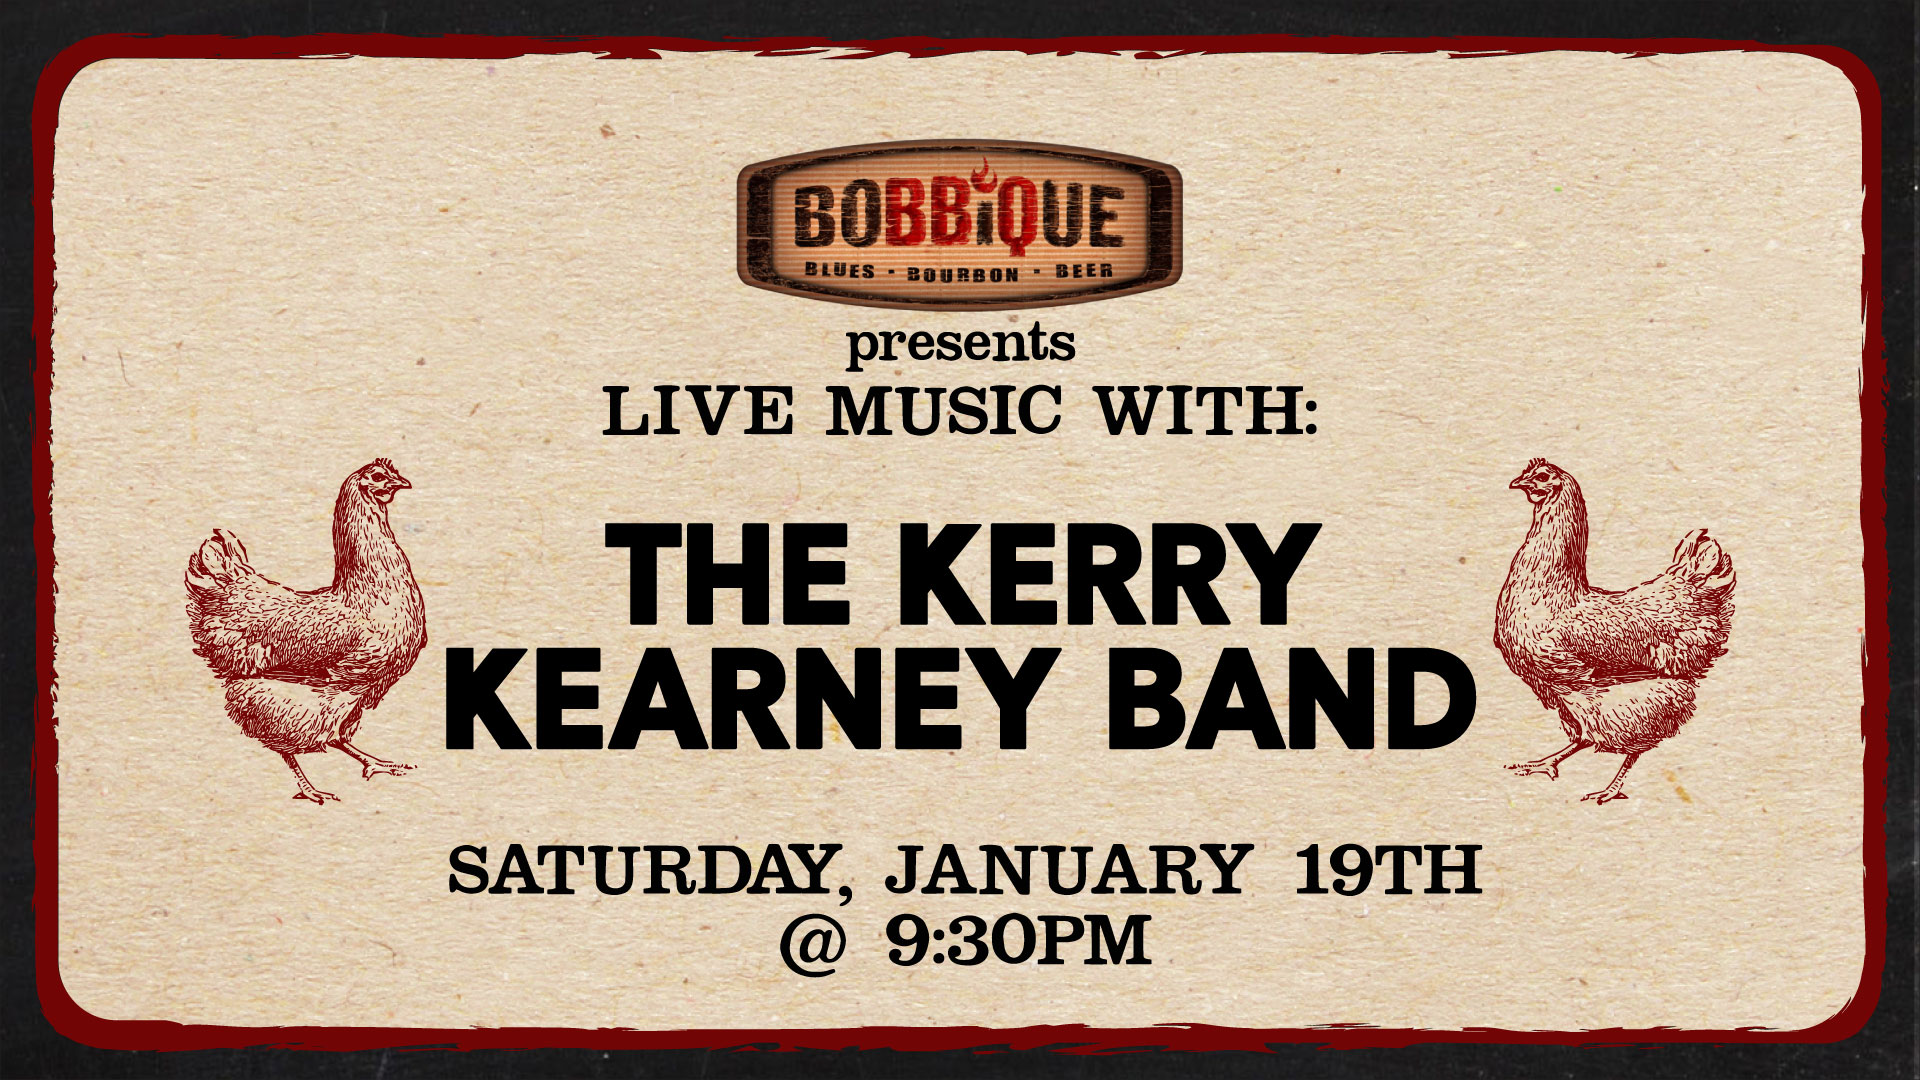 The Kerry Kearny Band